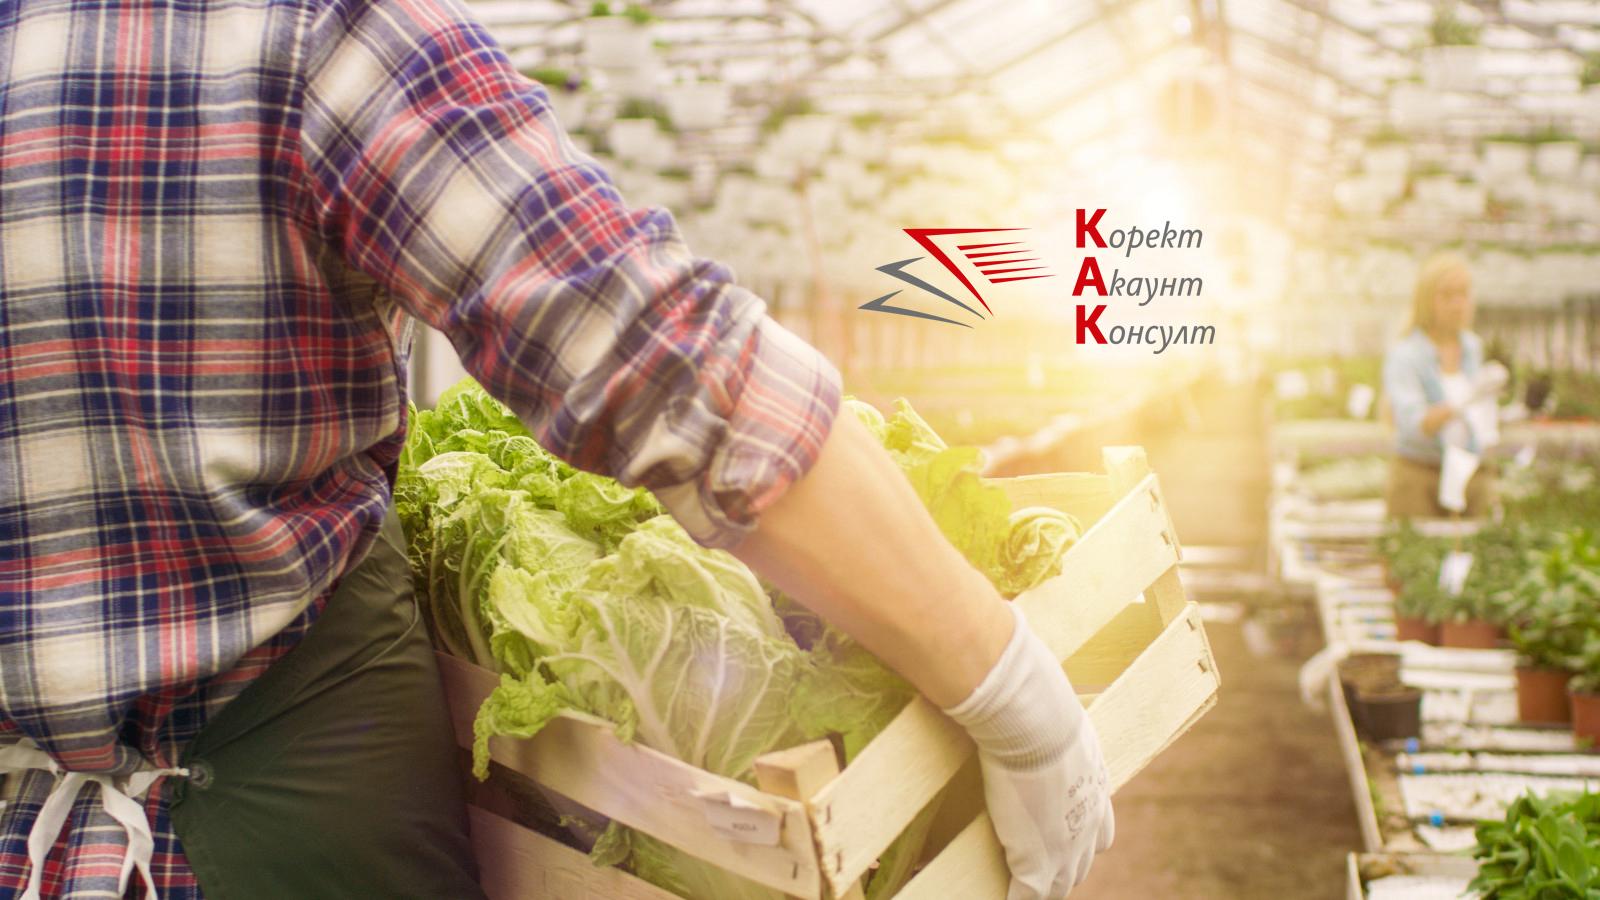 Земеделците декларират доходи до 30 април 2019 г.